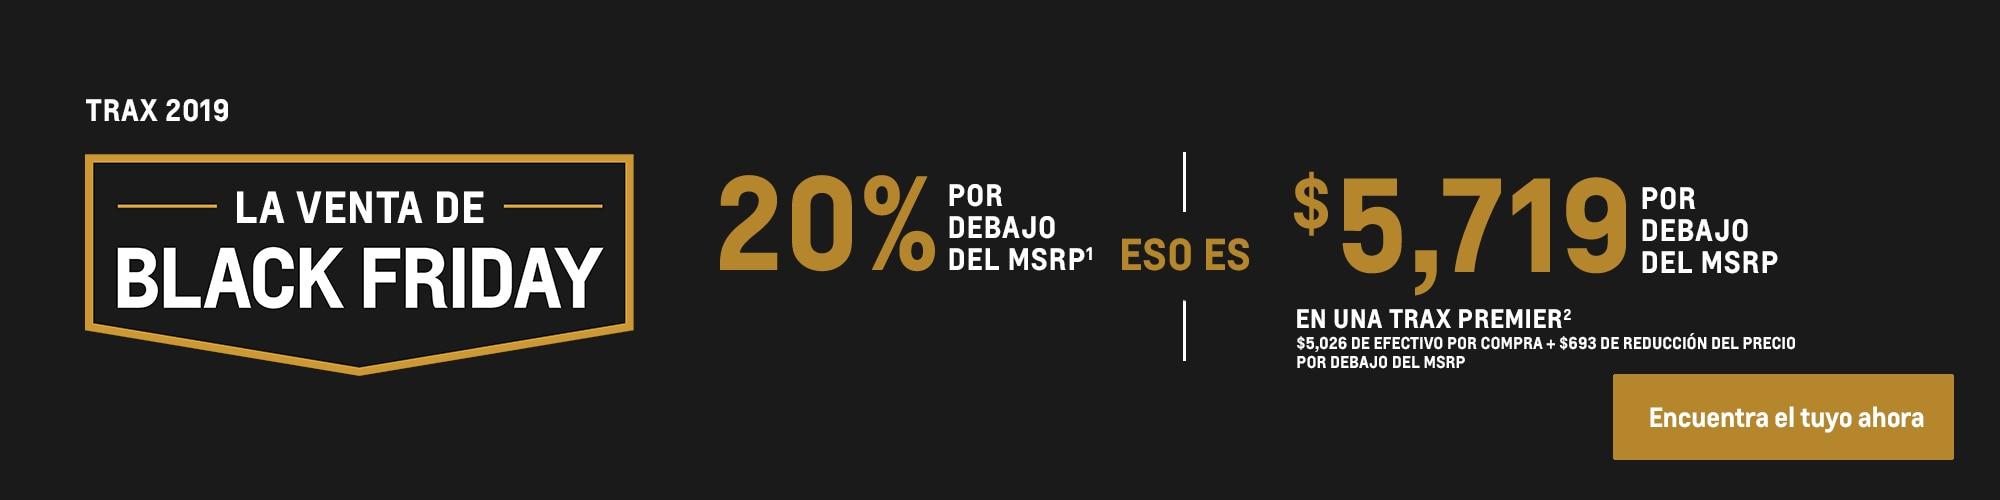 Trax 2019: 20% por debajo del MSRP